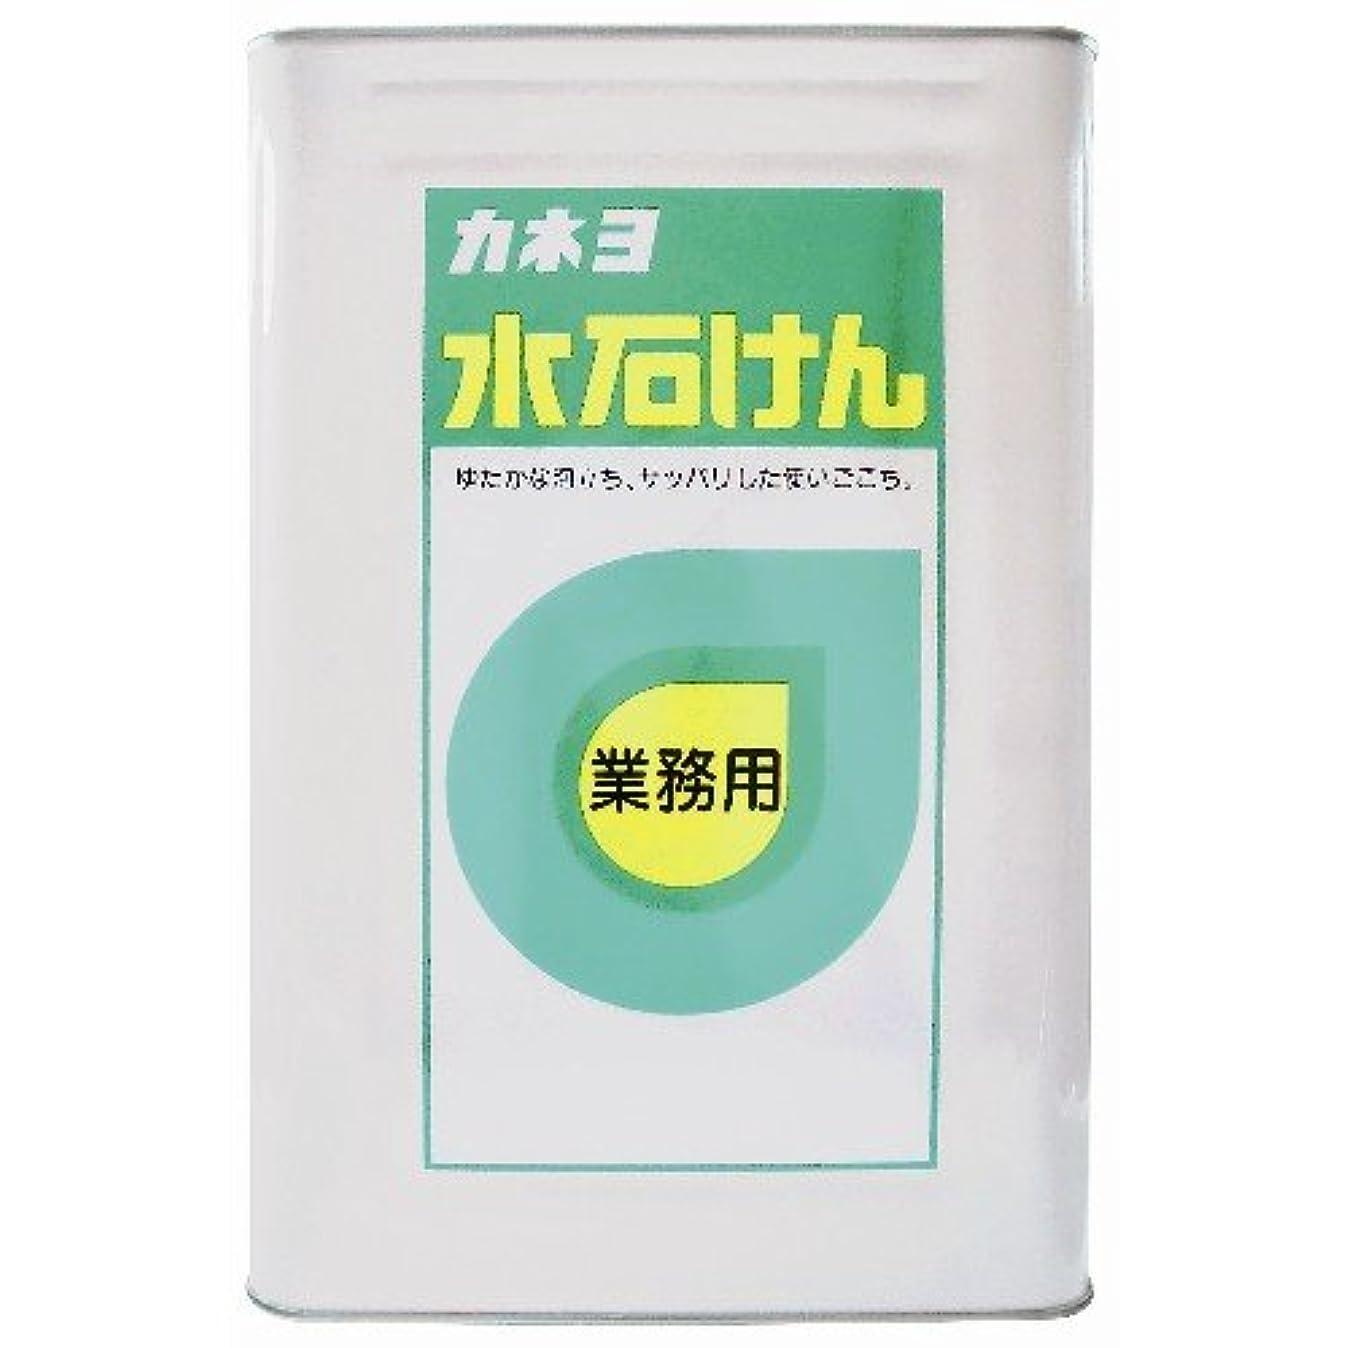 パートナードラッグ処理【大容量】 カネヨ石鹸 ハンドソープ 水石けん 液体 業務用 18L 一斗缶